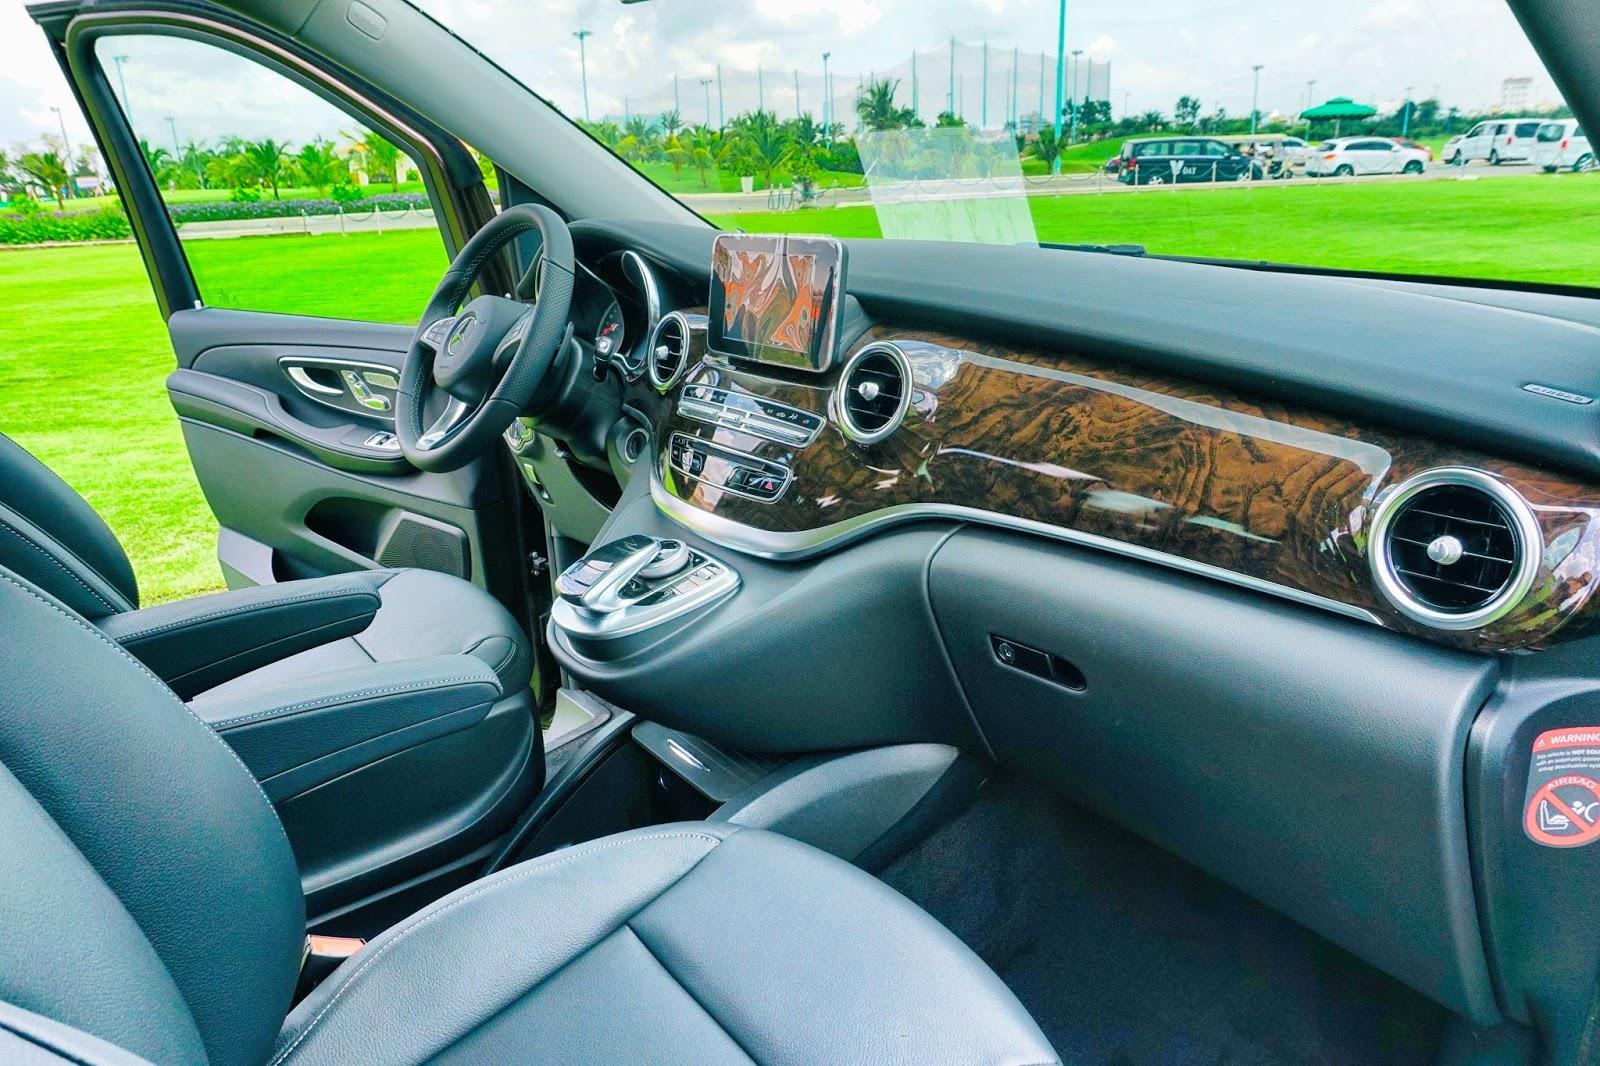 Khoang lái sang và nhiều tính năng thông minh đậm chất Mercedes Benz